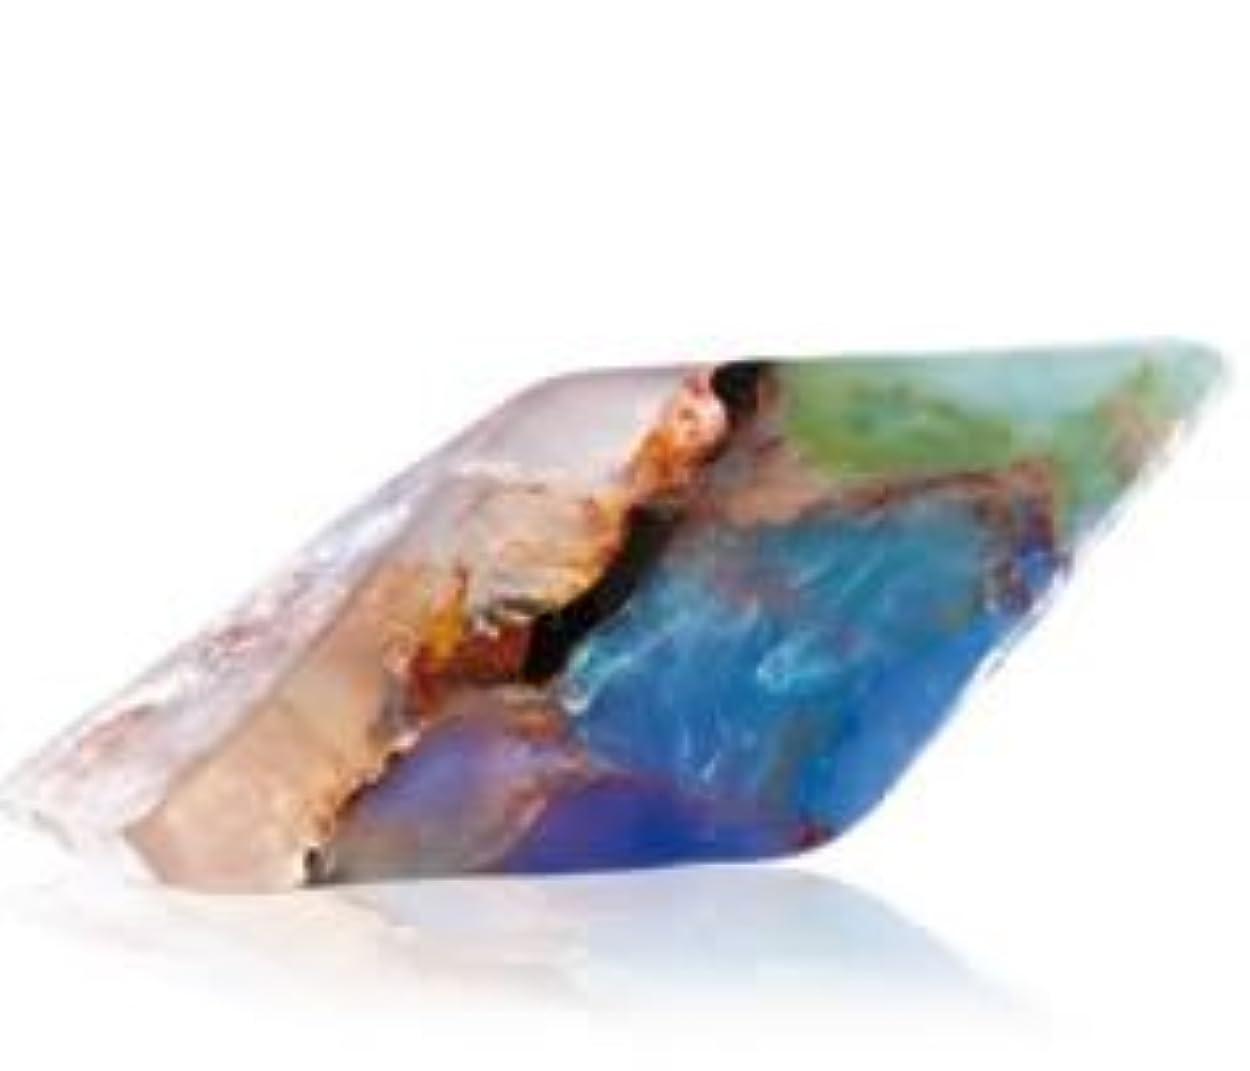 悲観主義者未使用博物館Savons Gemme サボンジェム 世界で一番美しい宝石石鹸 フレグランスソープ ブラックオパール 170g